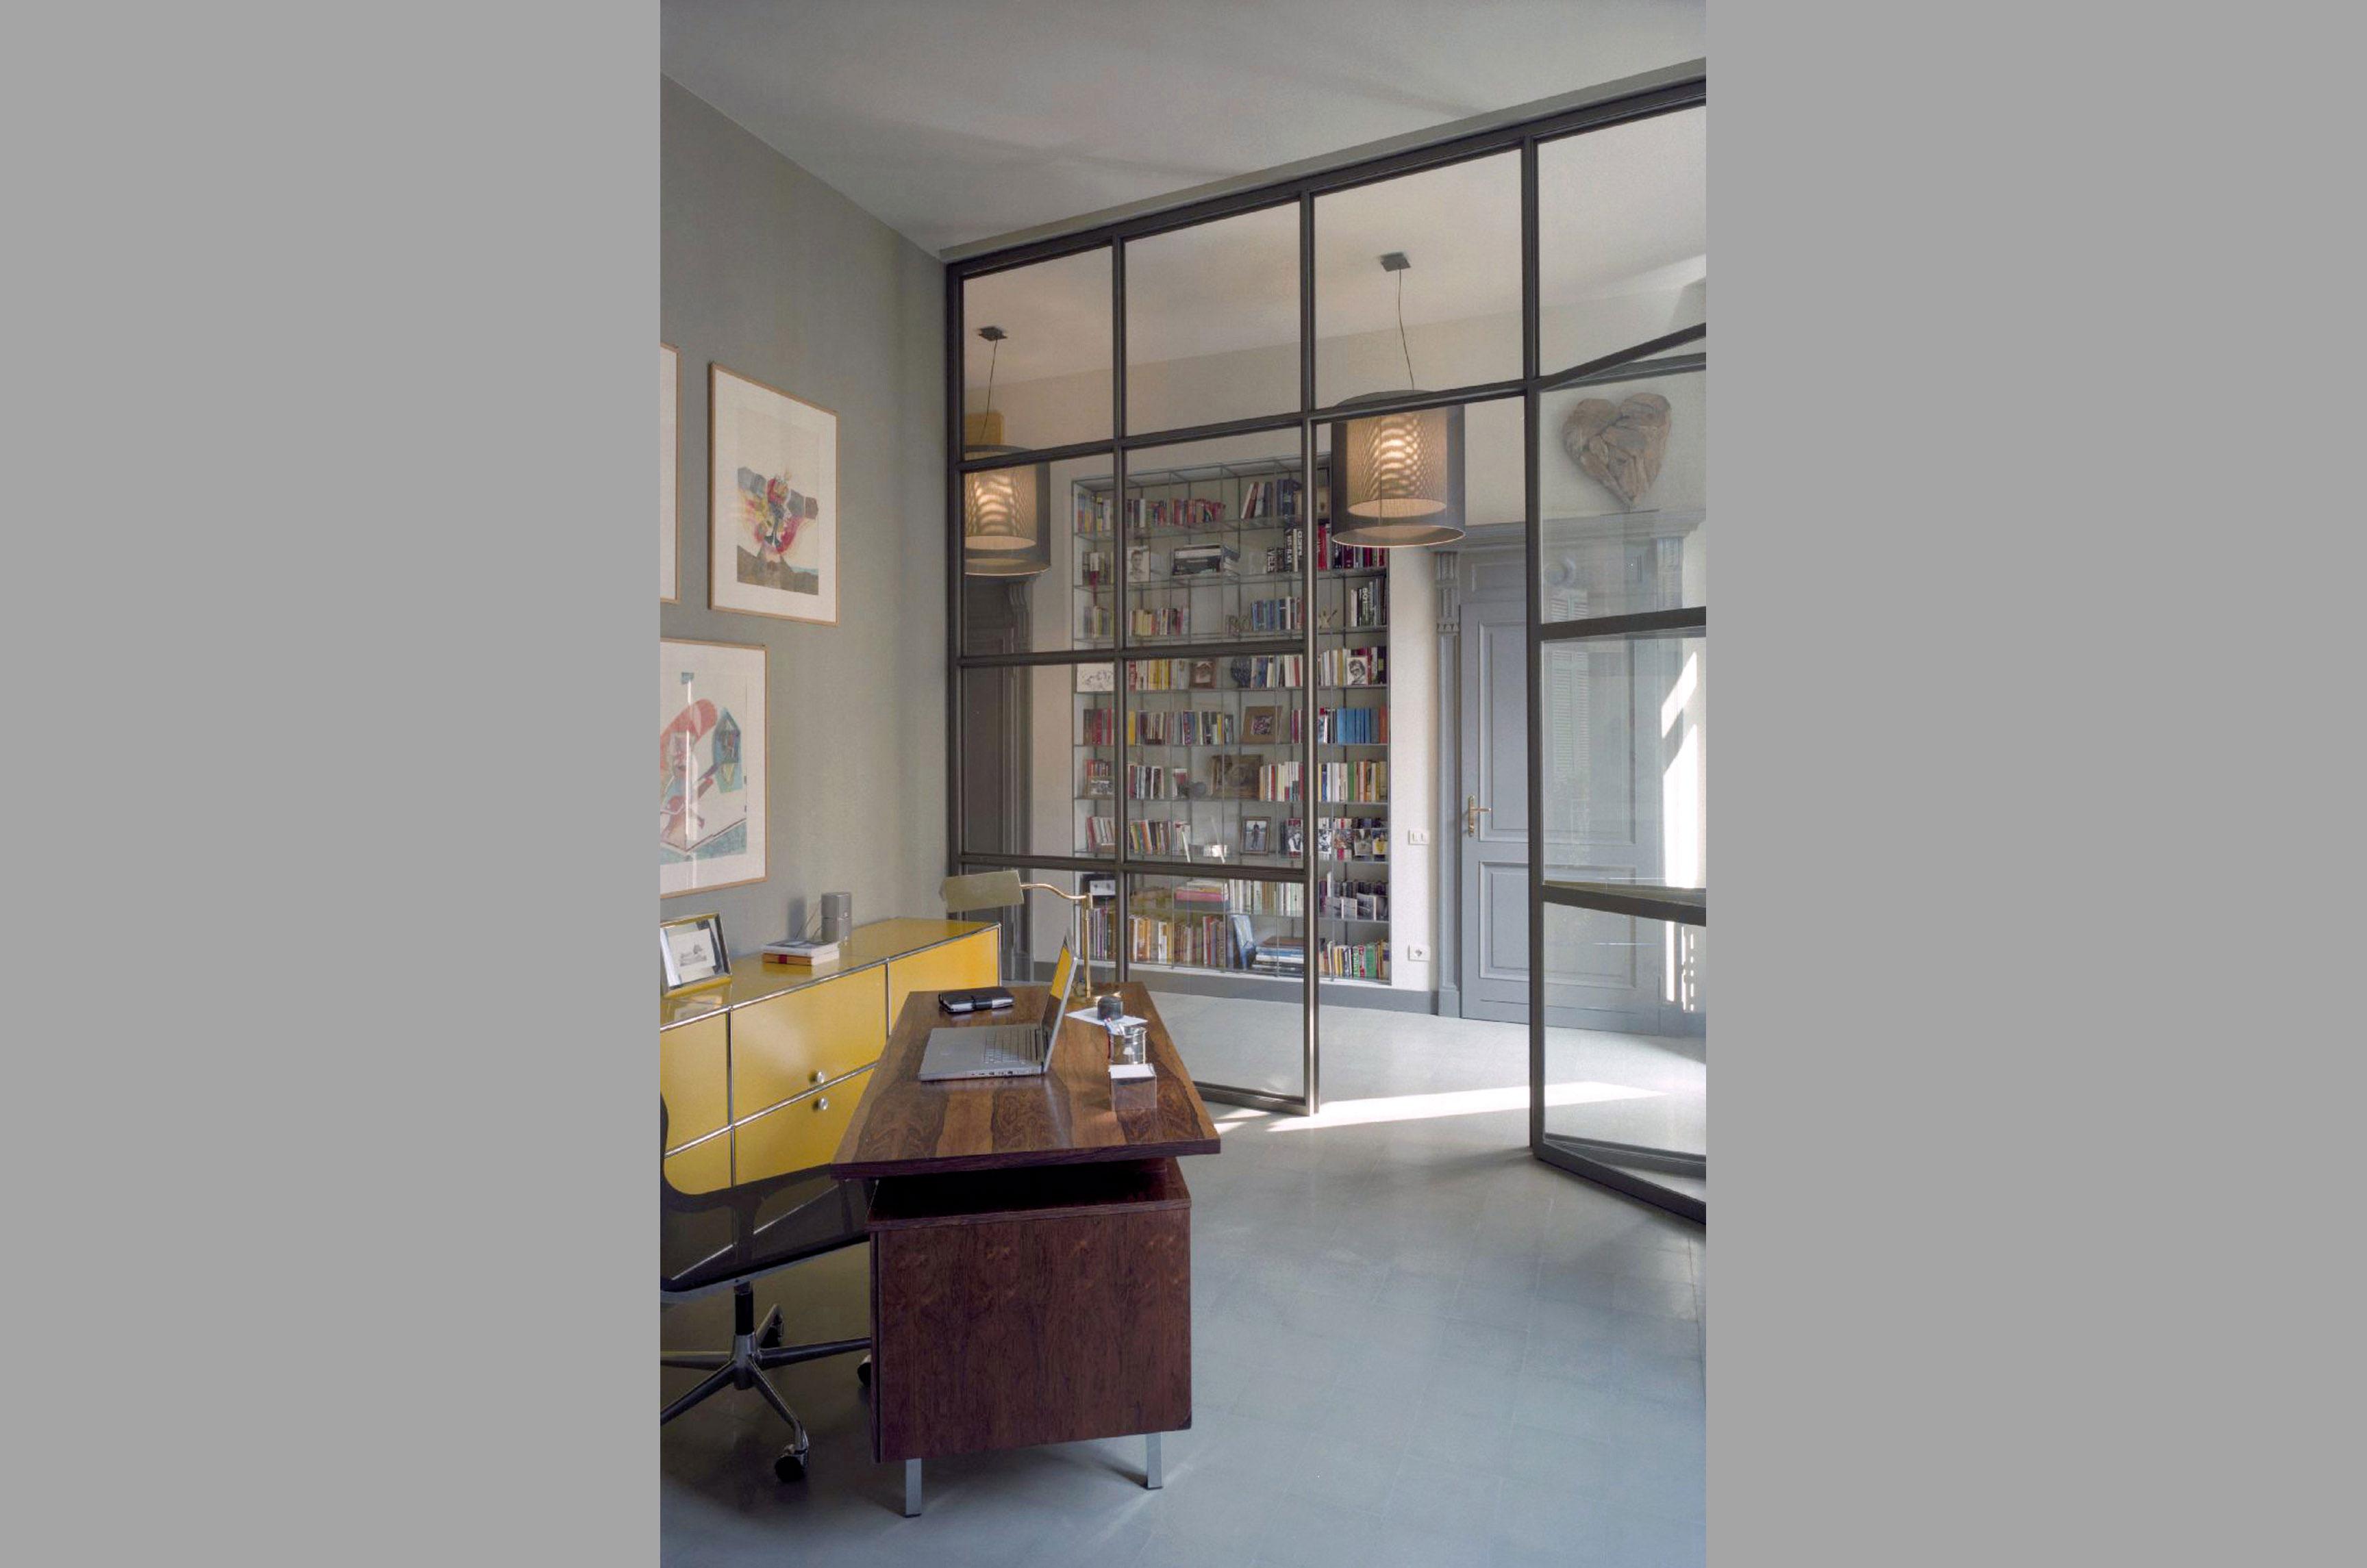 Ristrutturazione completa appartamento, mq. 150, Milano, via Saffi  APEX Costruzioni